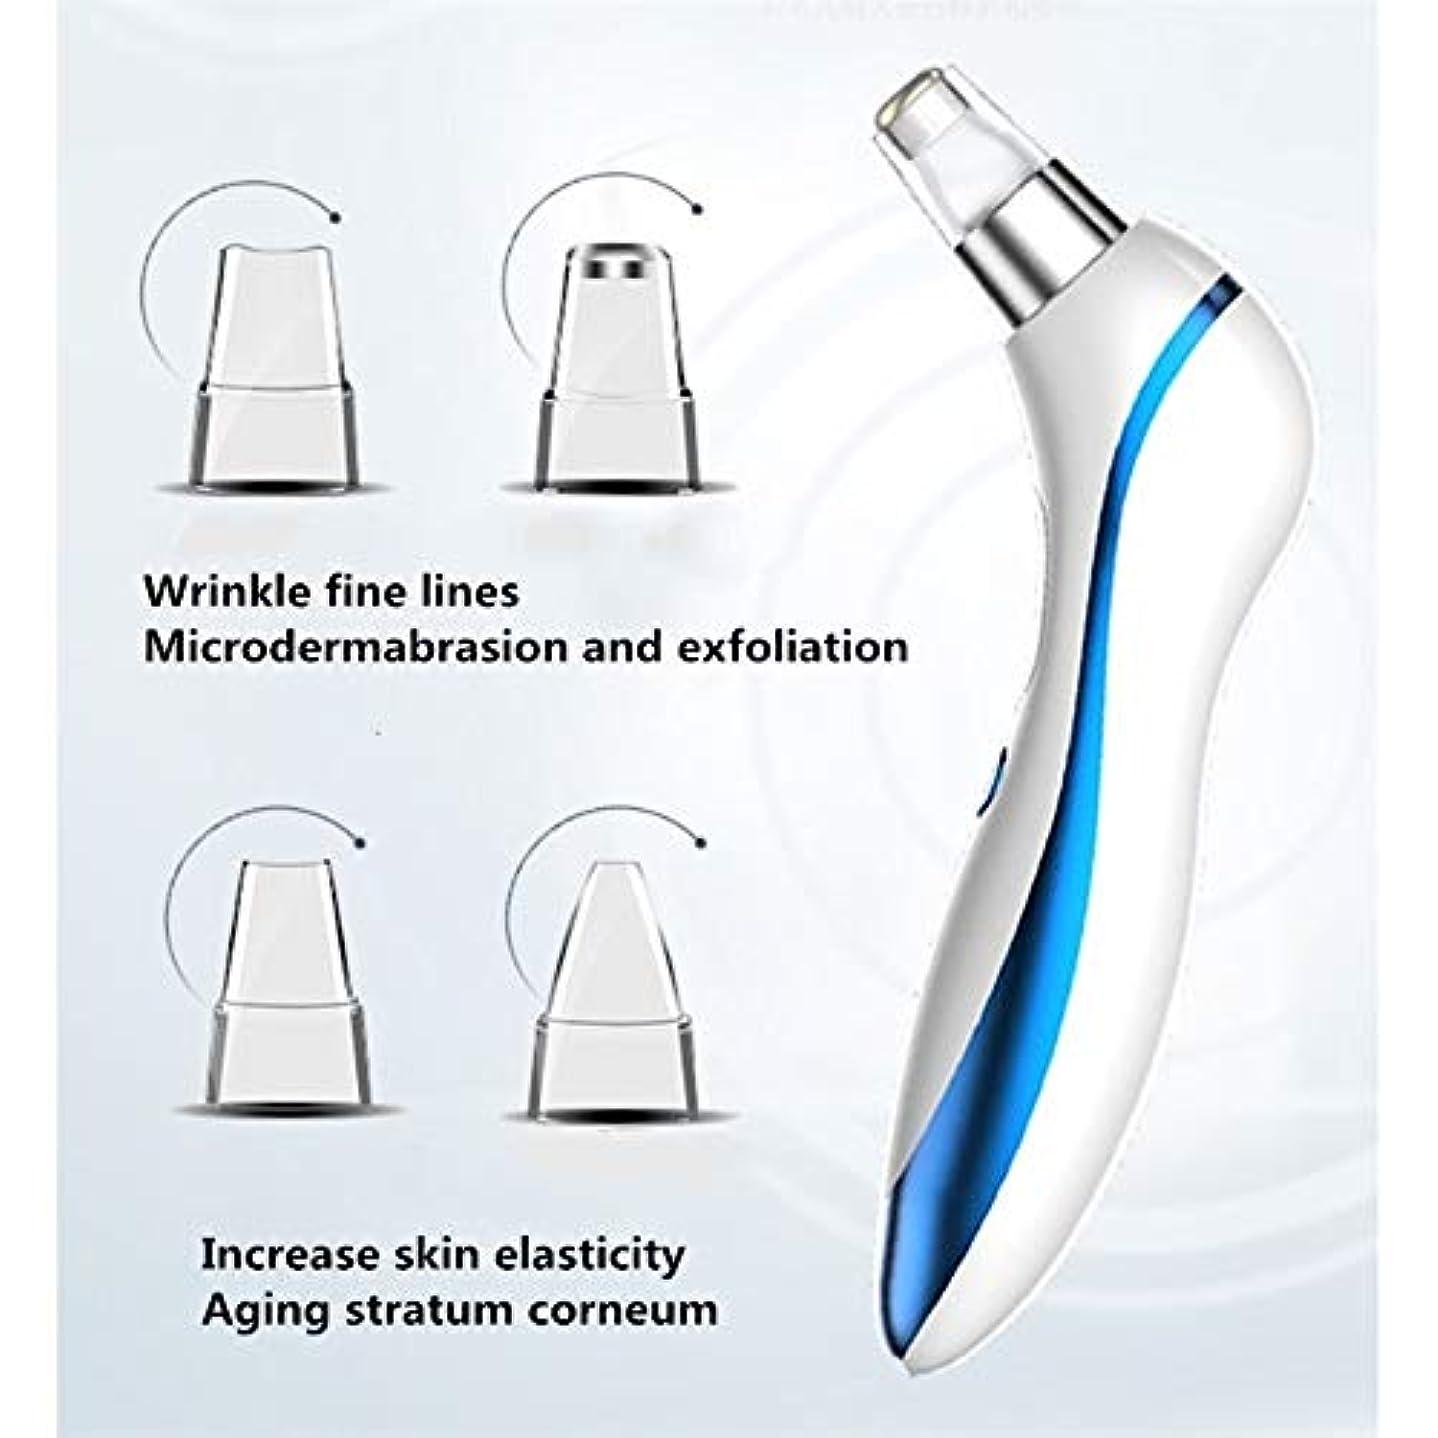 医療の除外する成熟にきびにきびグリース除去と毛穴フェイススキンディープクレンジングスポットのためのブラックヘッドリムーバー細孔真空、電気毛穴クリーナーブラックヘッド吸引機、。